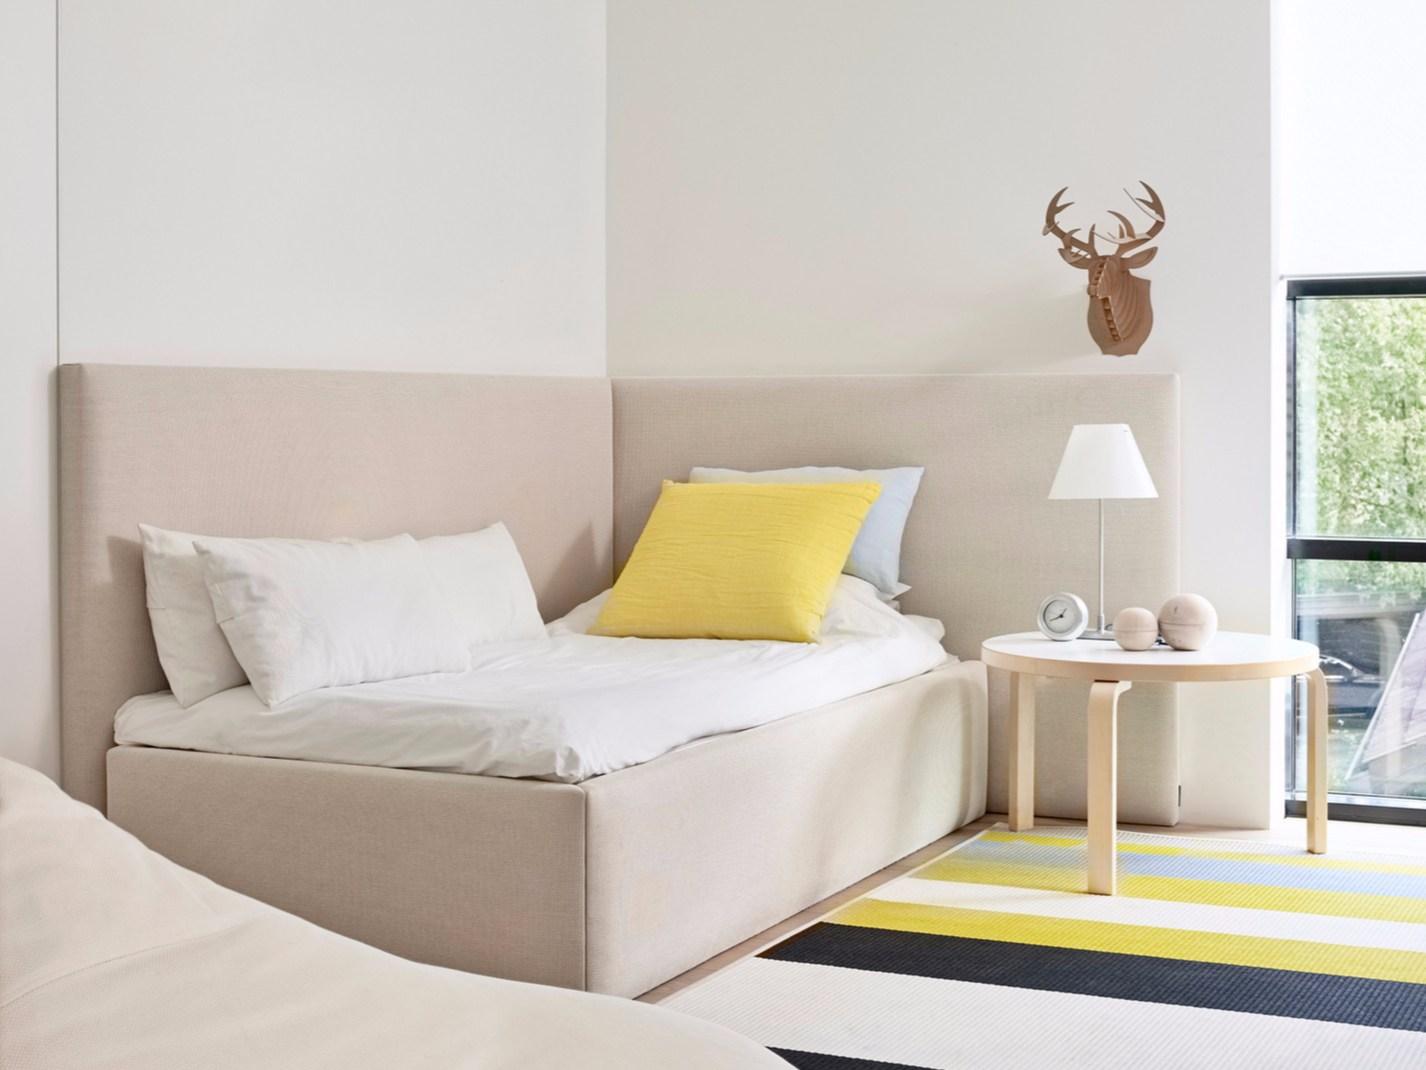 Угловая кровать в стиле эко